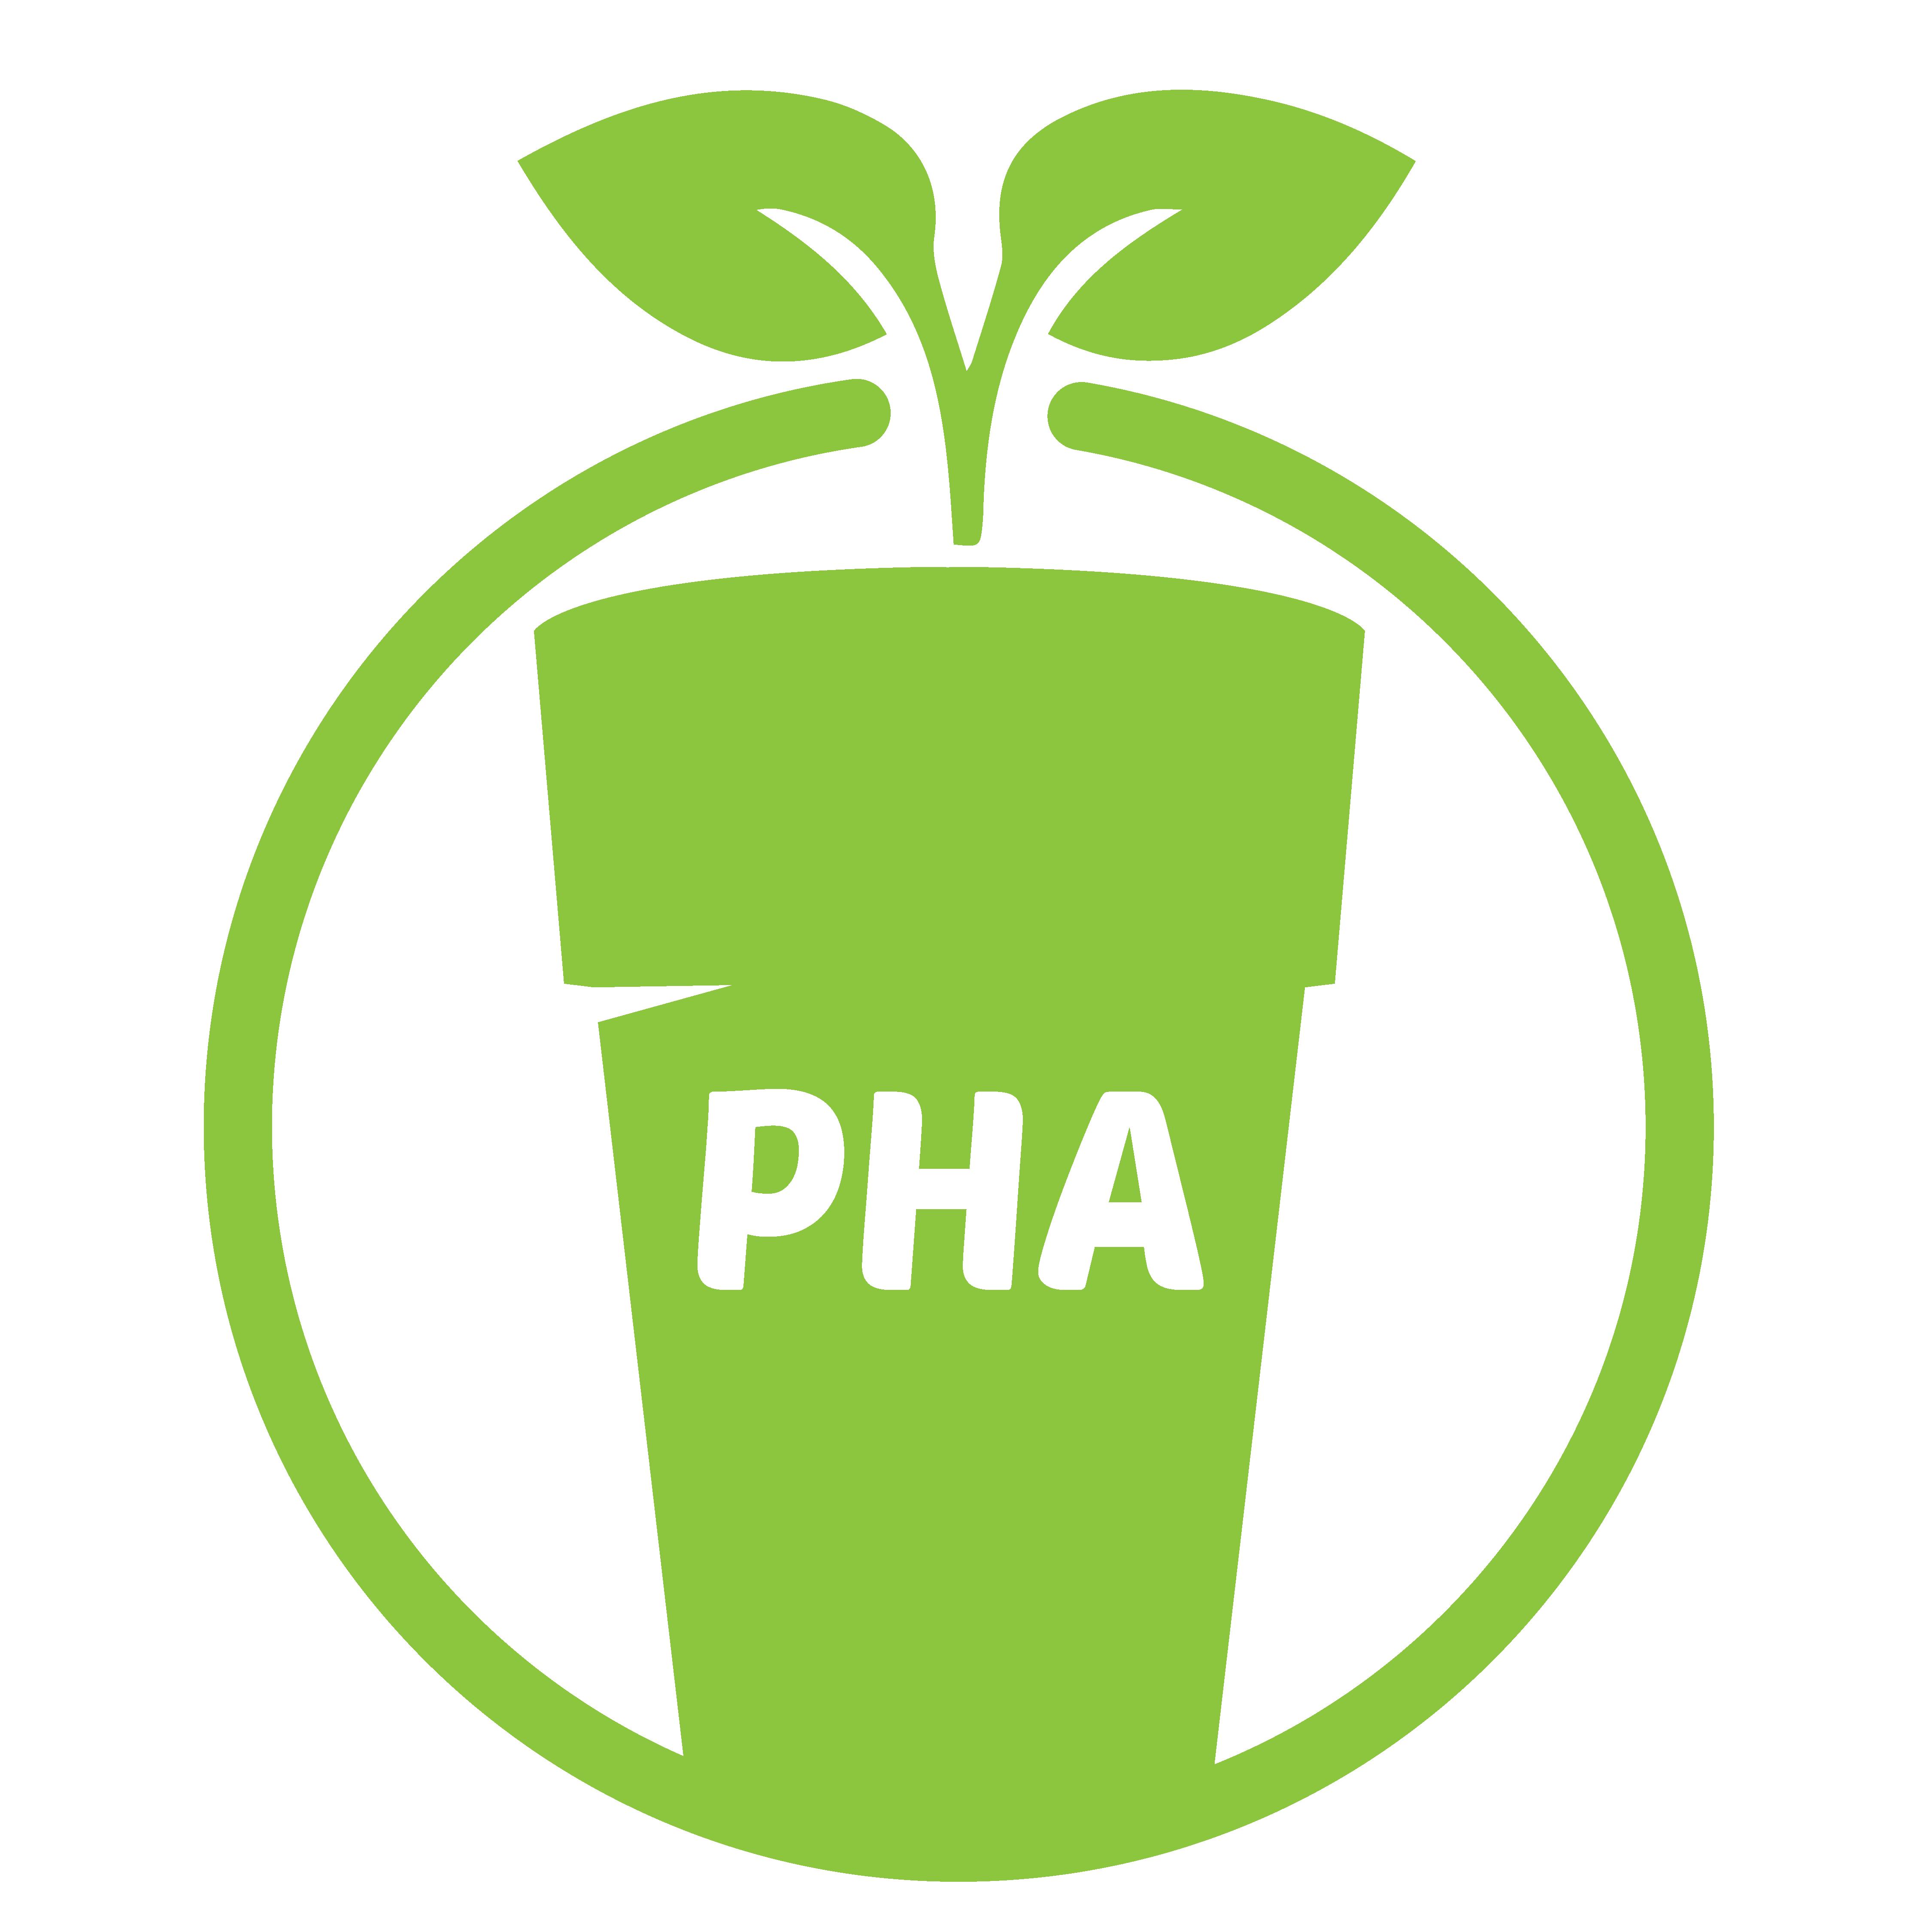 Biologisch afbreekbaar PHA